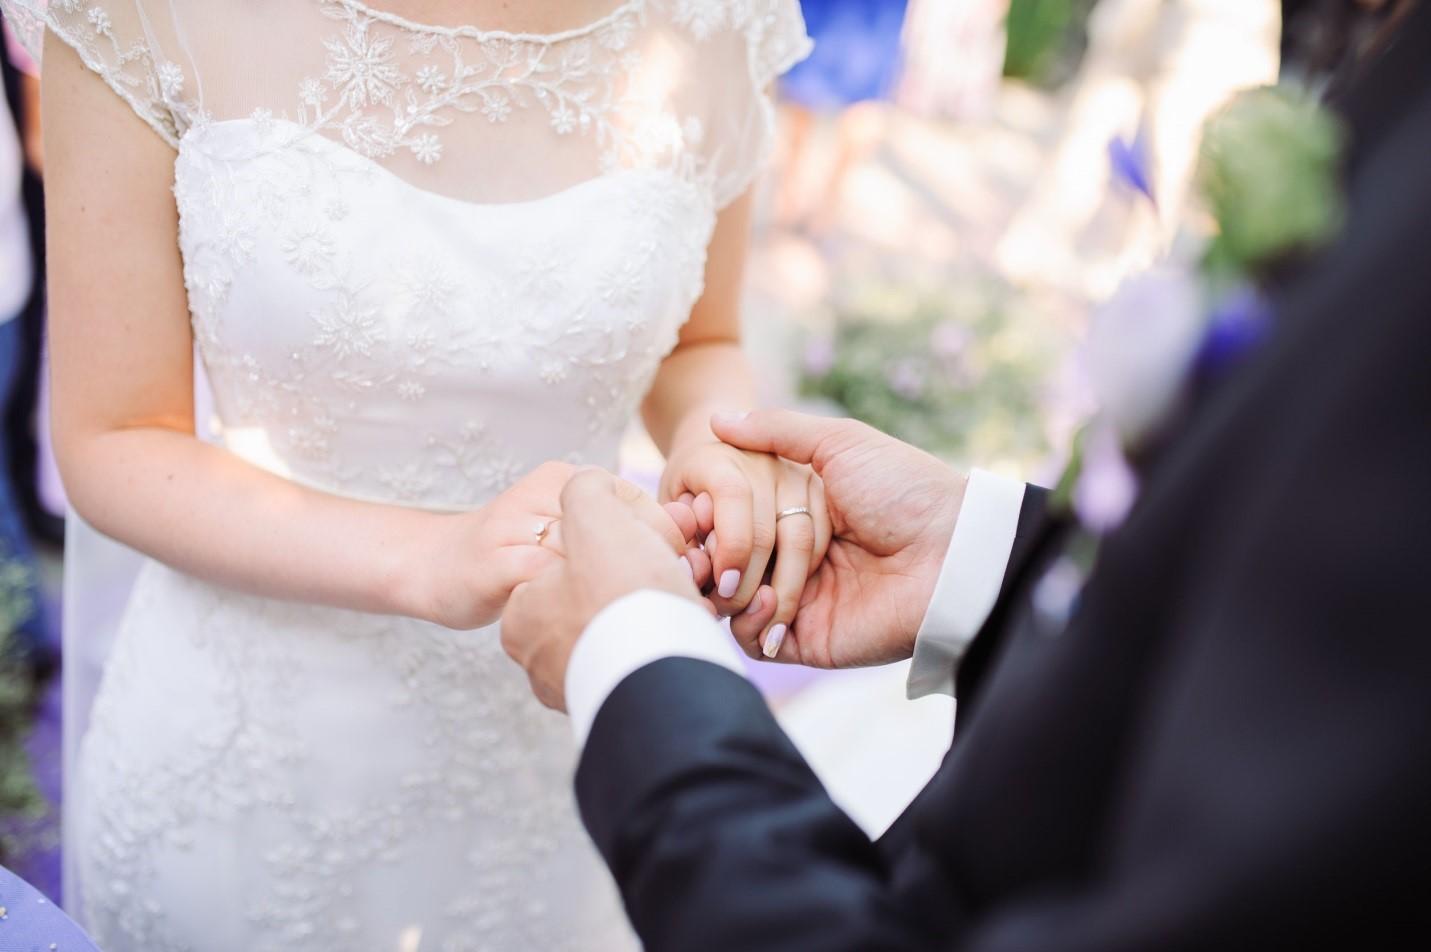 صور عروس وعريس استمتع باجمل صور للعروسين فى زفافهم دلع ورد